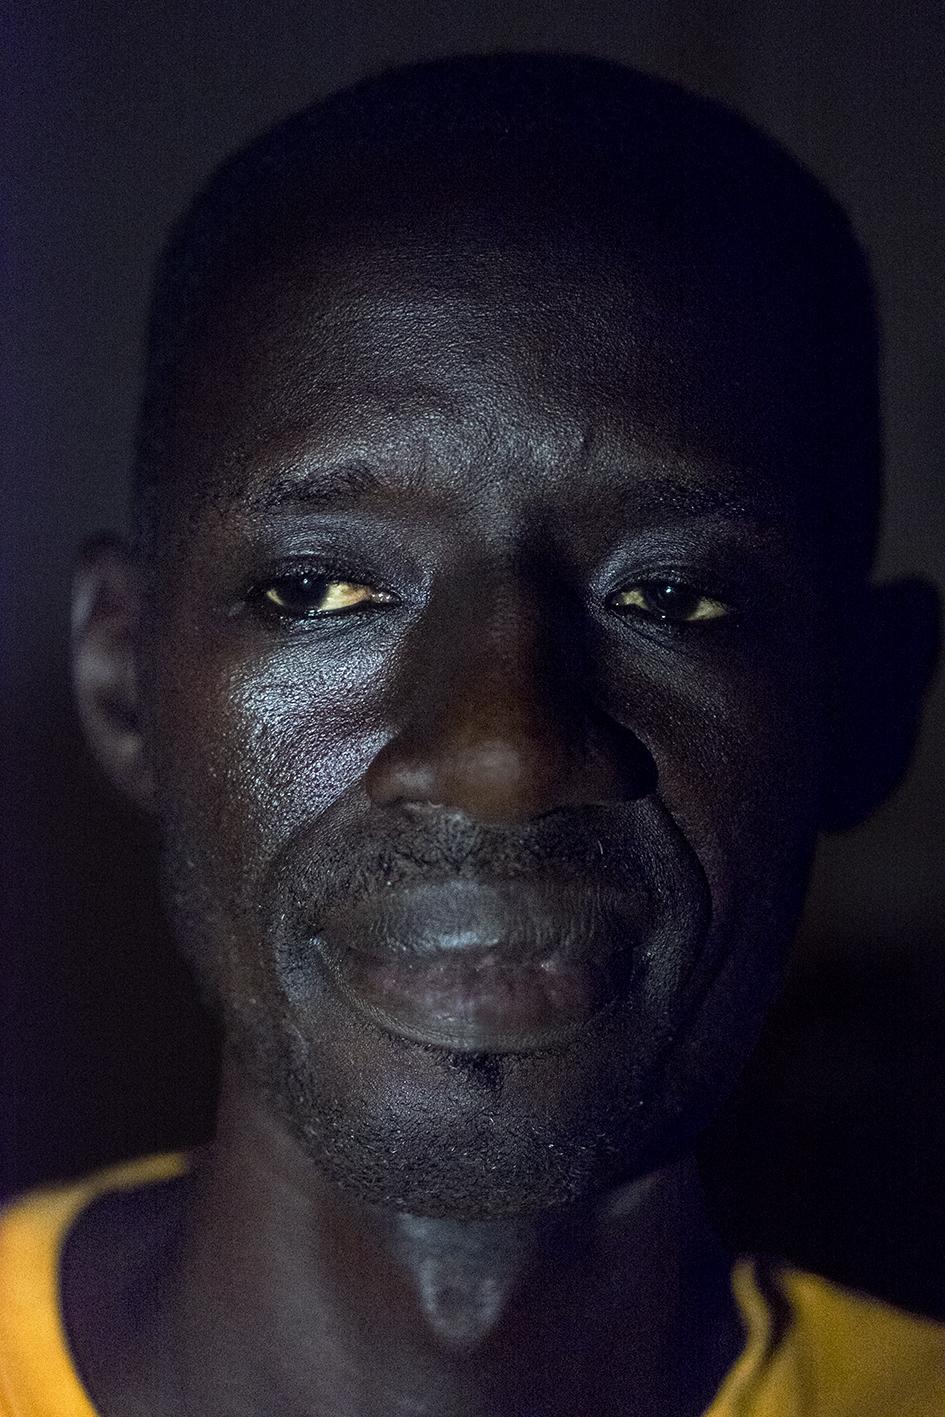 Il faut marcher, Sénégal, 2017